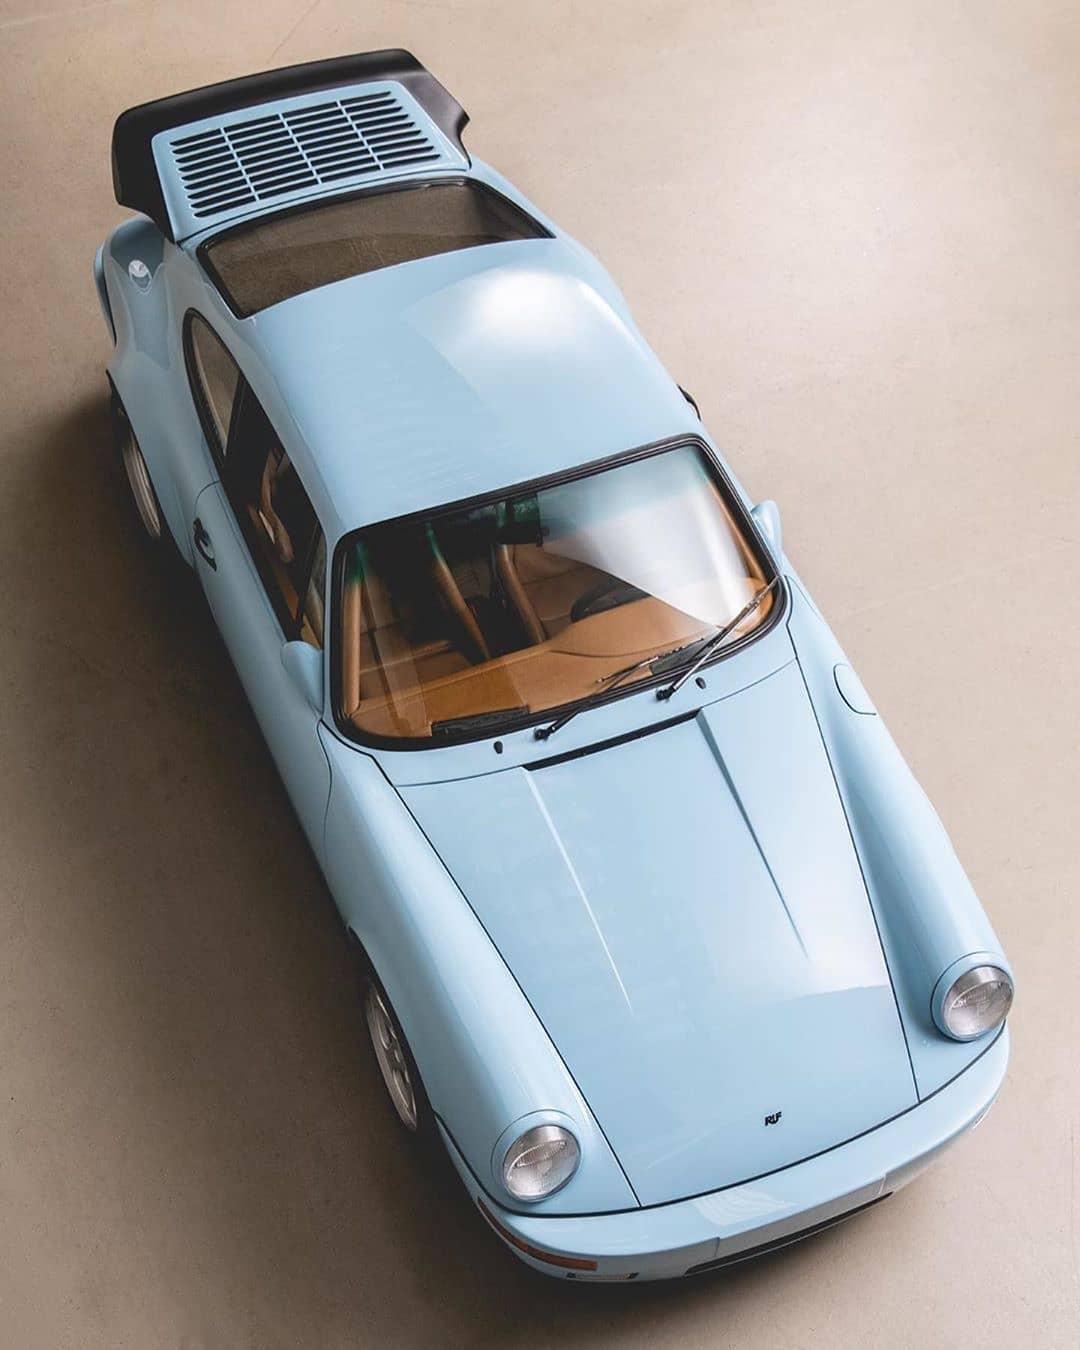 1985 RUF Carrera 3.4 in Gulf Blue.